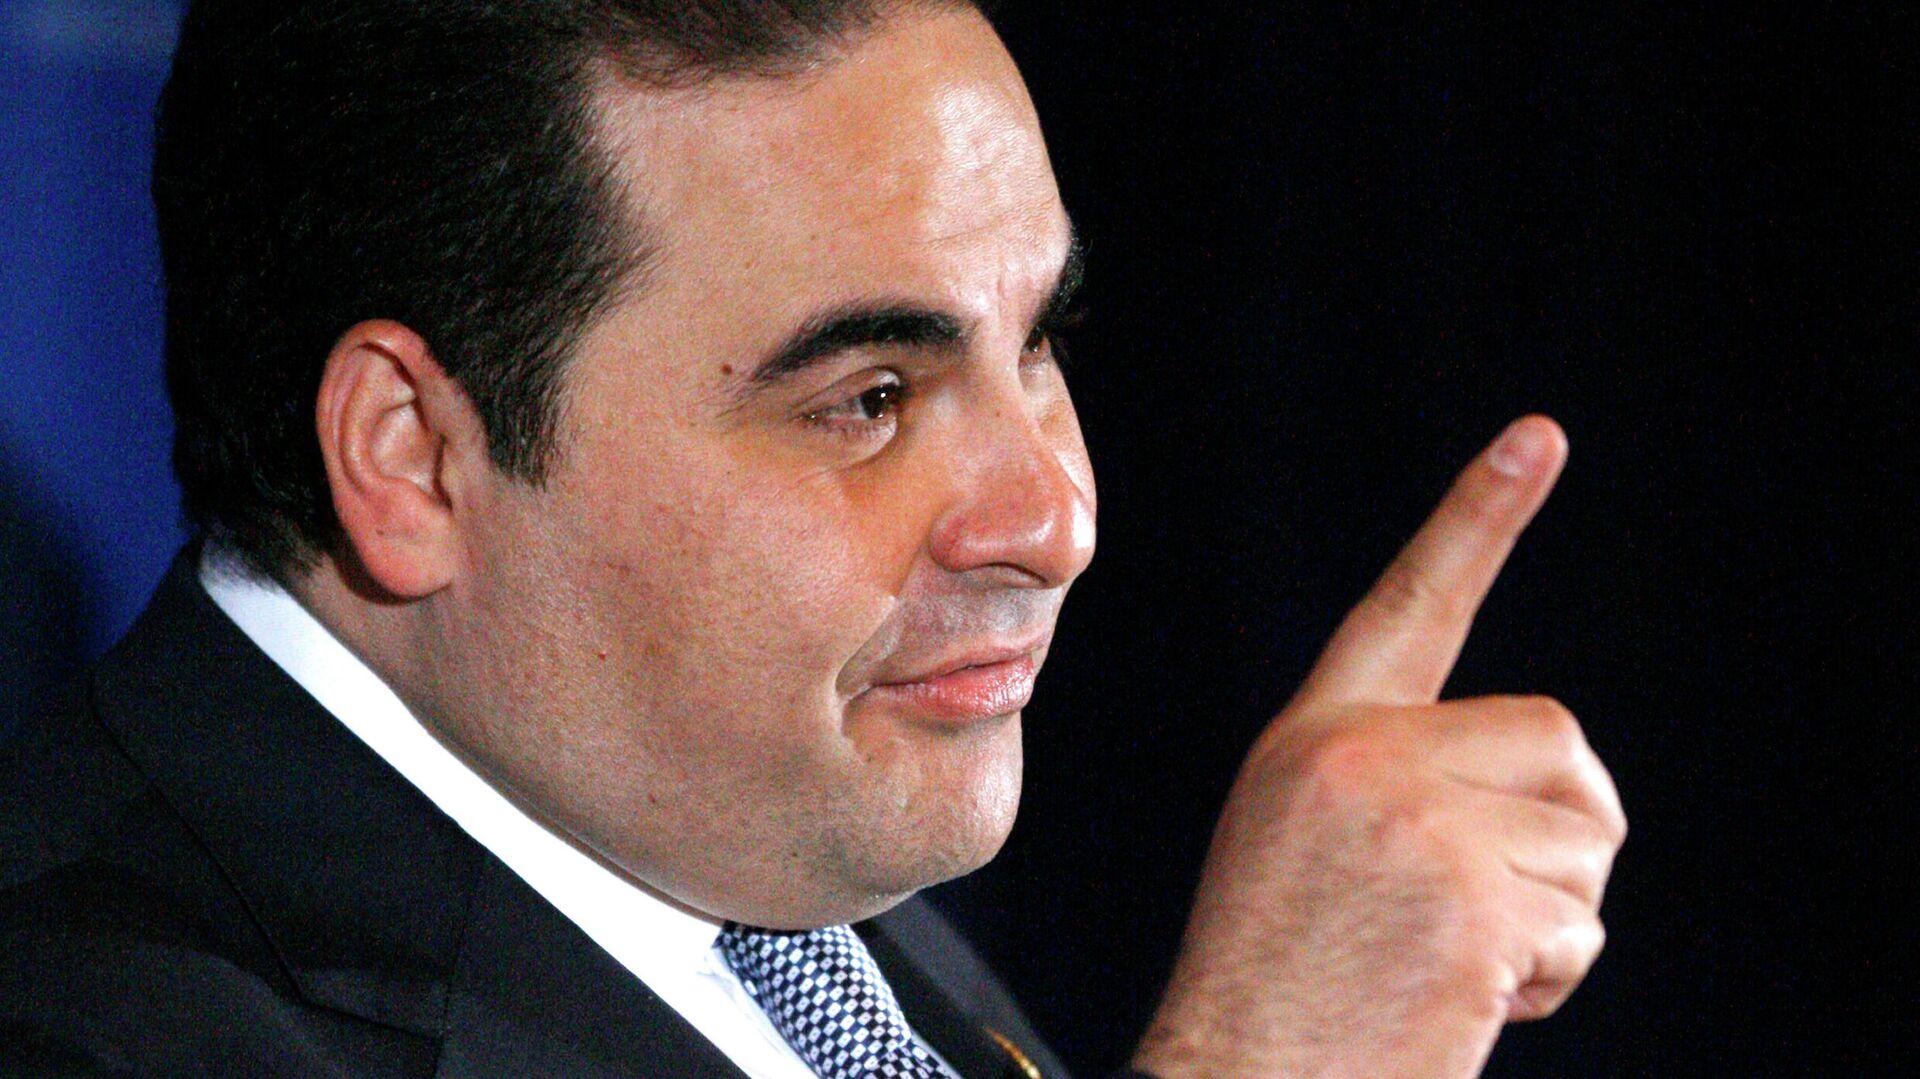 Antonio Sacaб expresidente de El Salvador - Sputnik Mundo, 1920, 21.07.2021